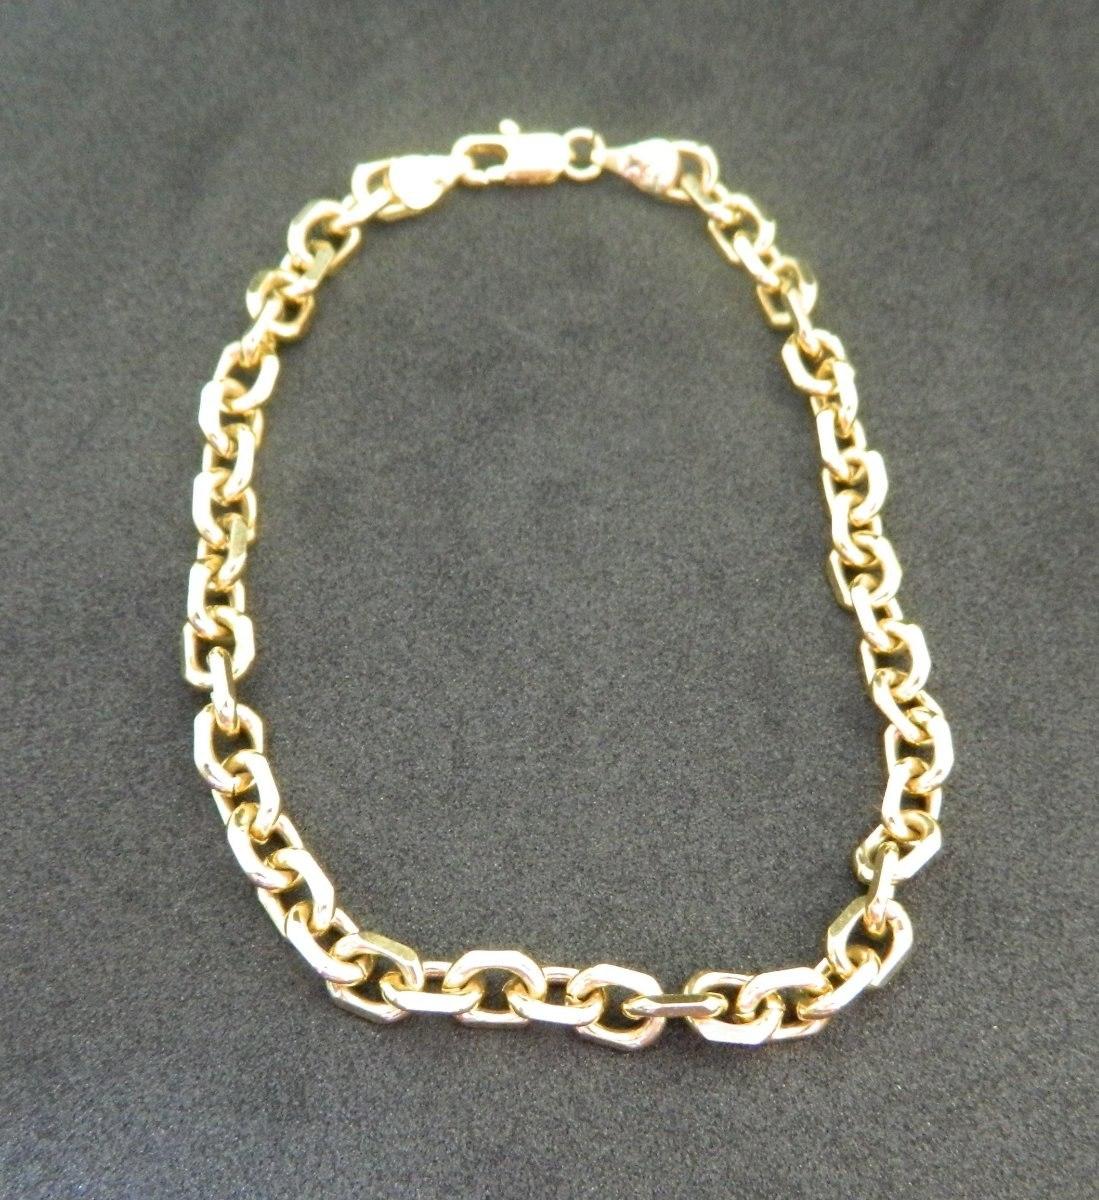 ad7d6f3b7b5 Pulseira Masculina Cartier Folheada A Ouro - 21 Cm - R  50